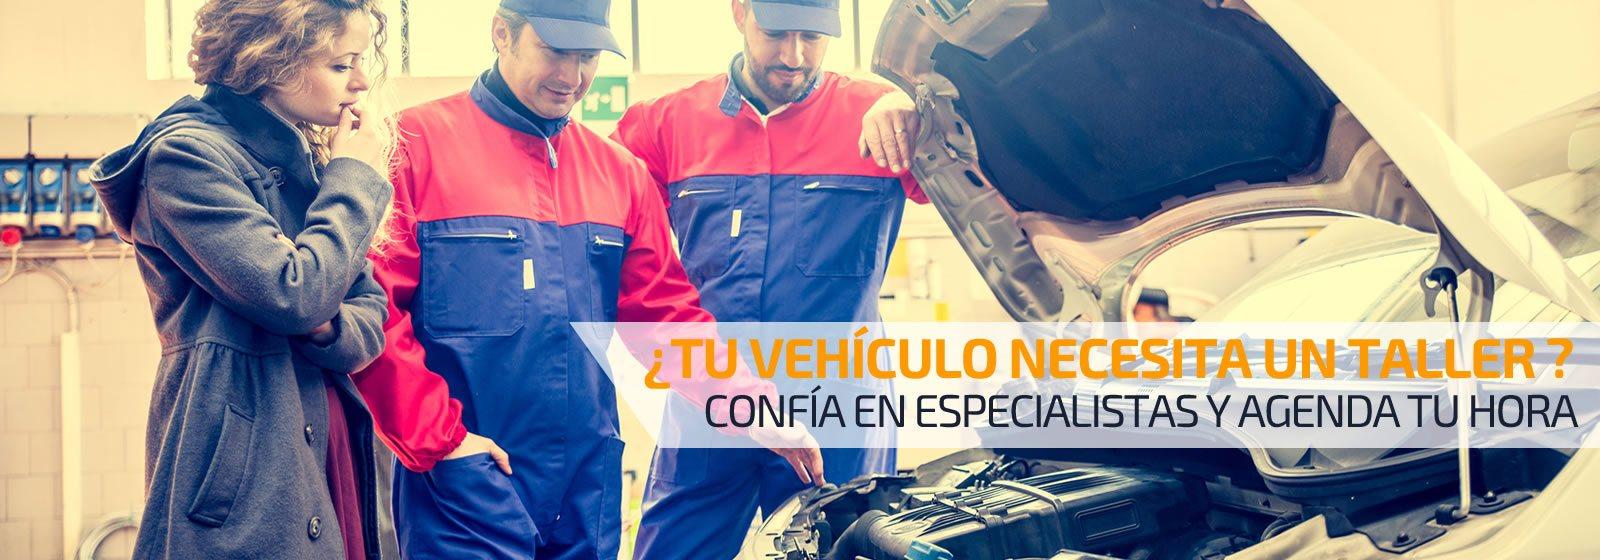 Servital - Servicio Técnico y Taller Autorizado.